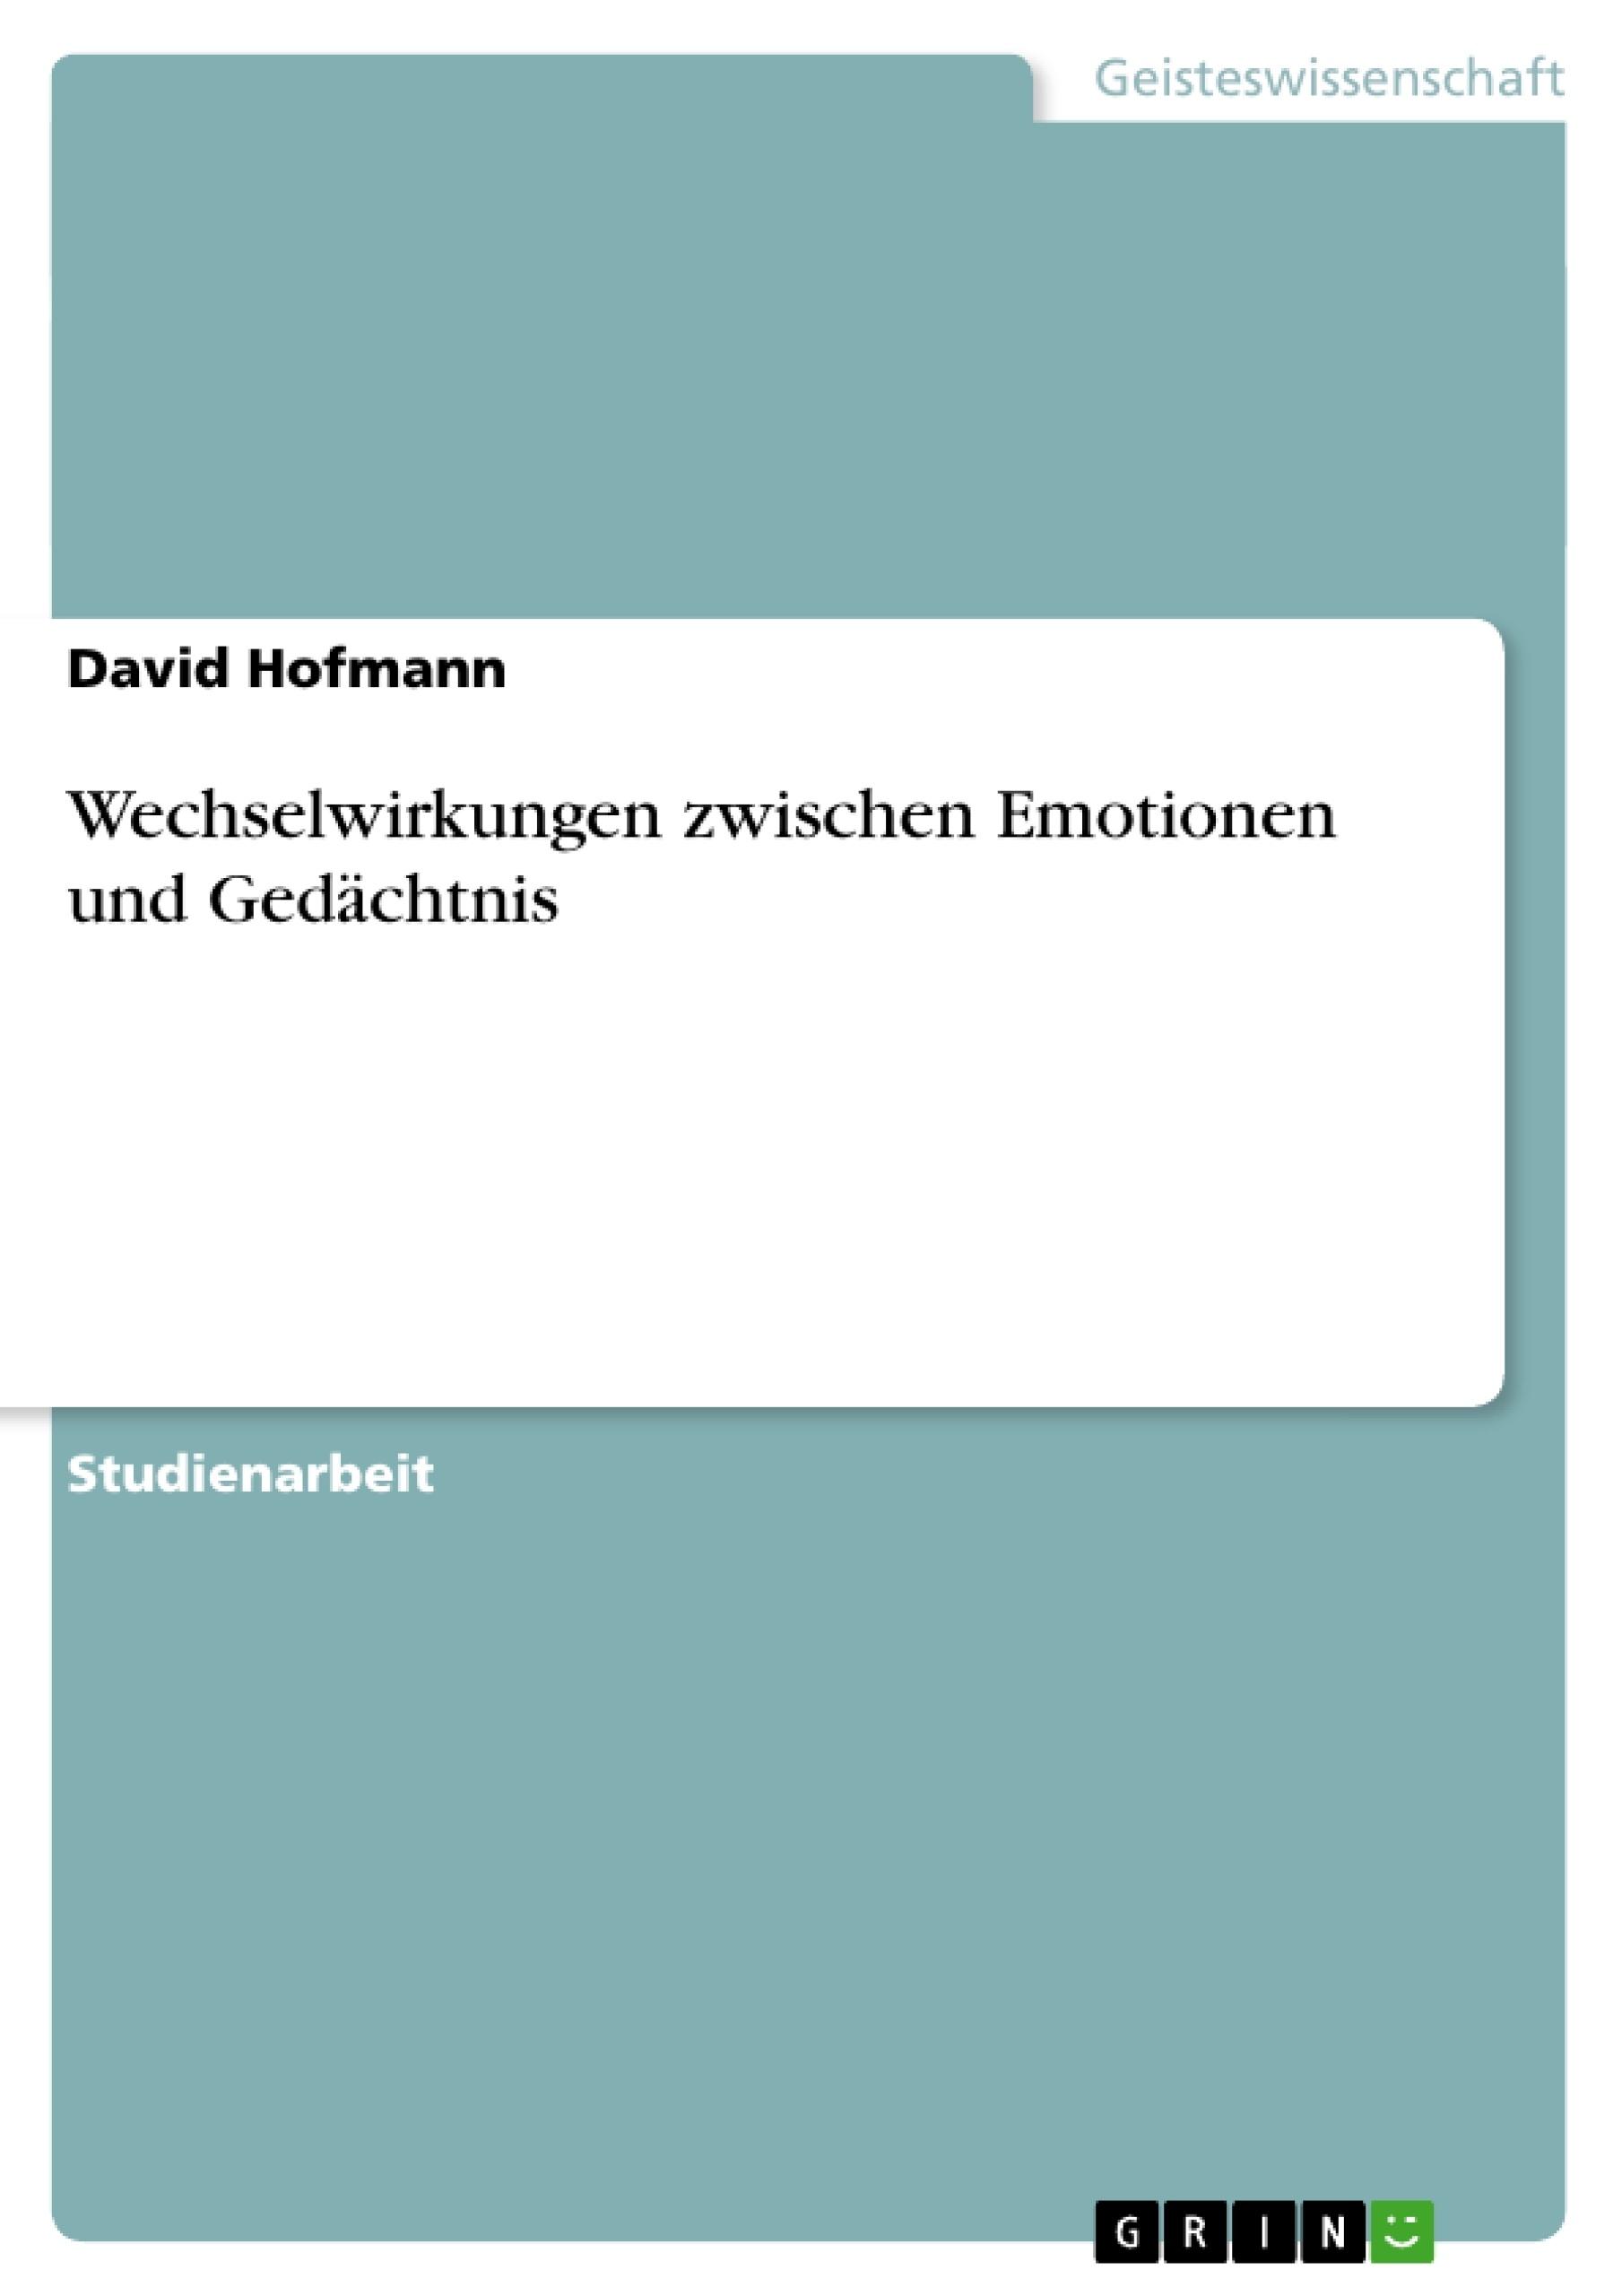 Titel: Wechselwirkungen zwischen Emotionen und Gedächtnis